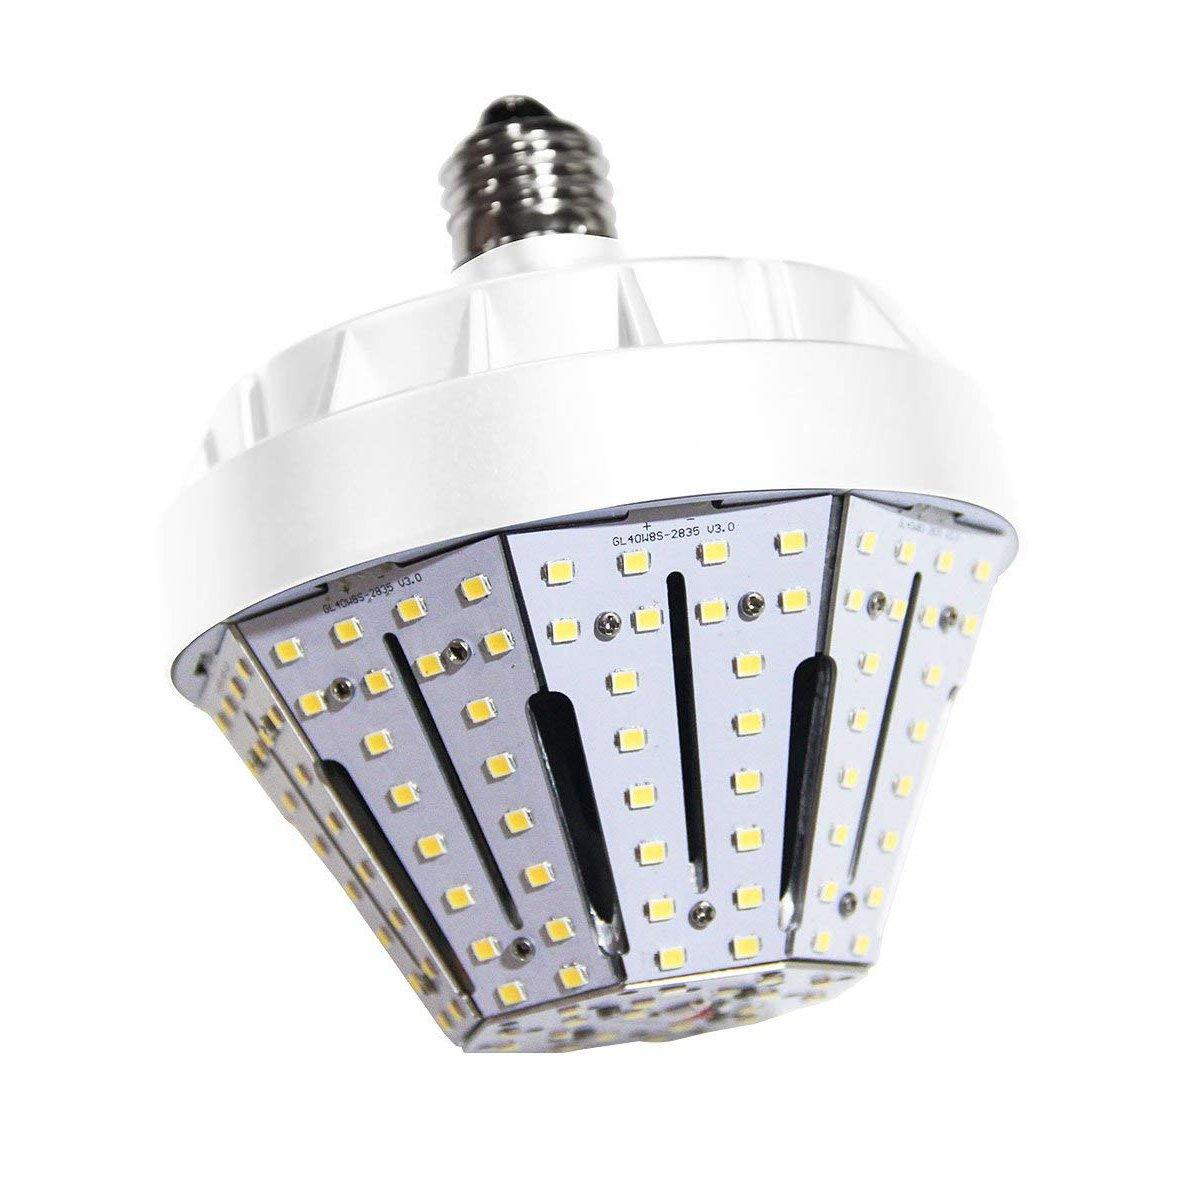 A 30w Extérieur E27 Blanc Lampe Équivalent Intérieur Ampoule Vis Maïs Lumen Incandescent Kawell 4946 500w Pour Le Jardin Led EHW29IYD